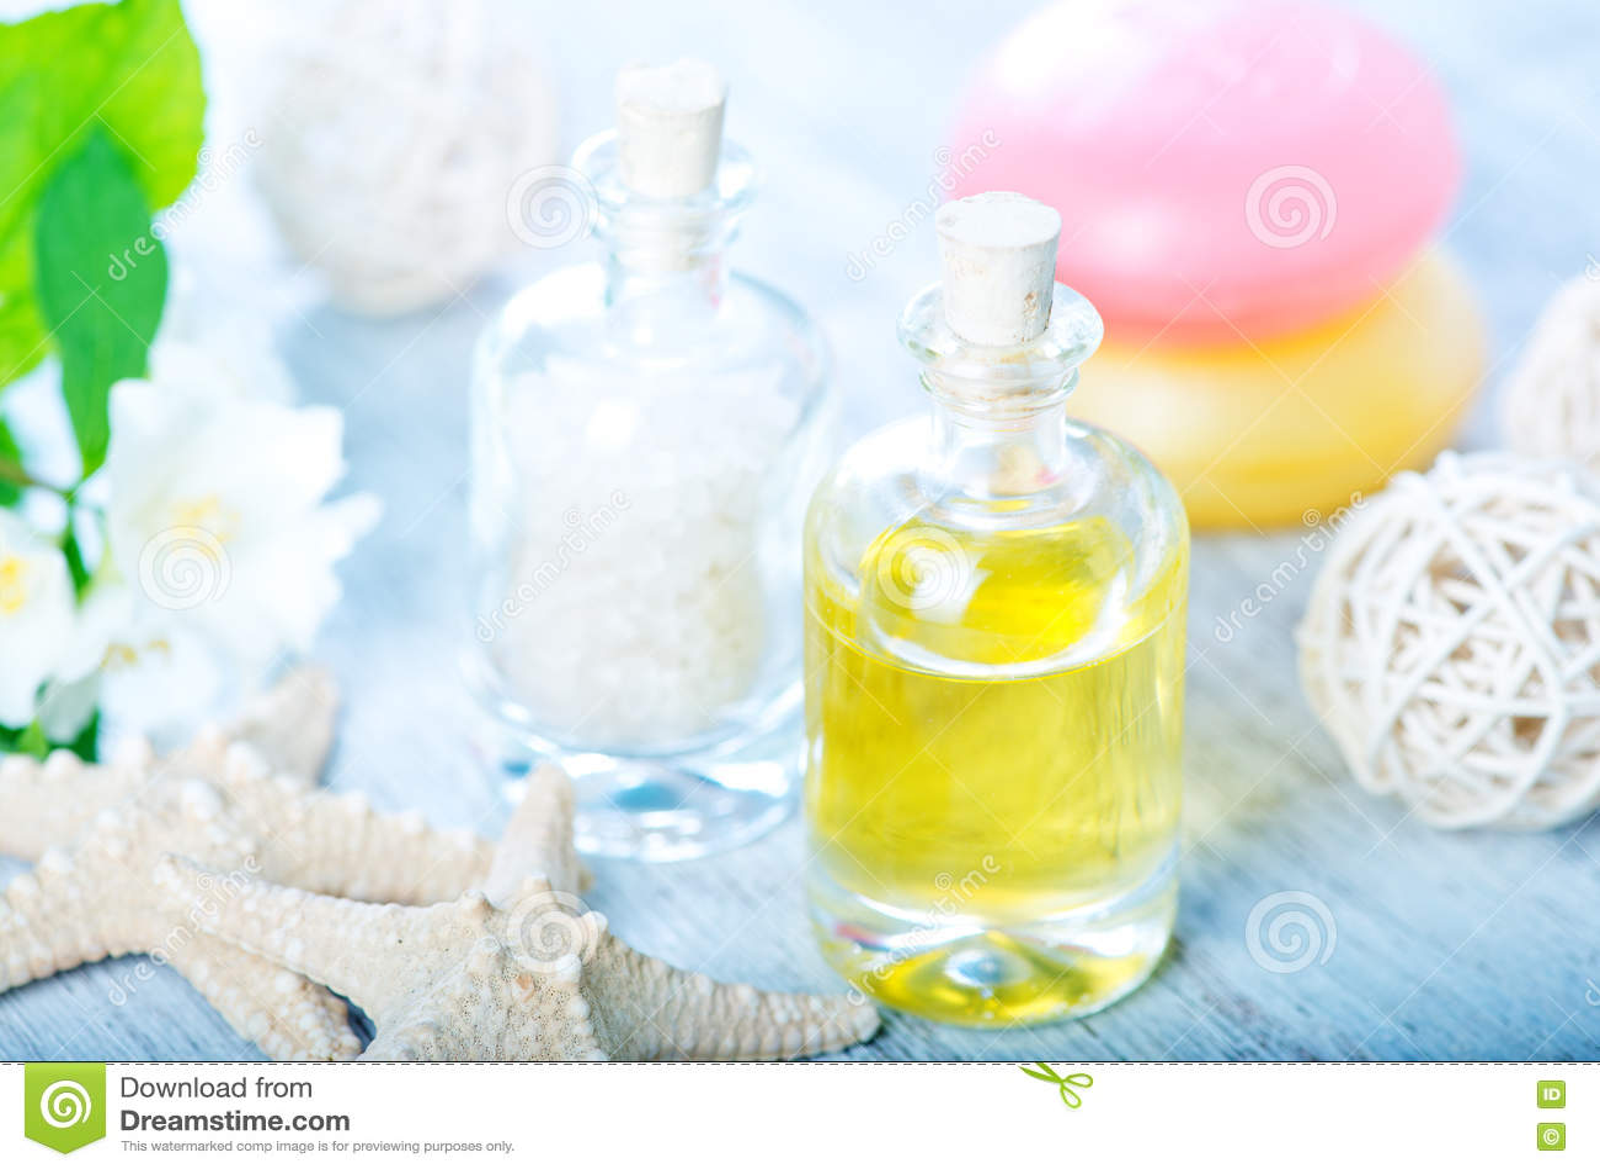 Download Масло и соль КУРОРТА стоковое фото. изображение насчитывающей необходимо - 72293694